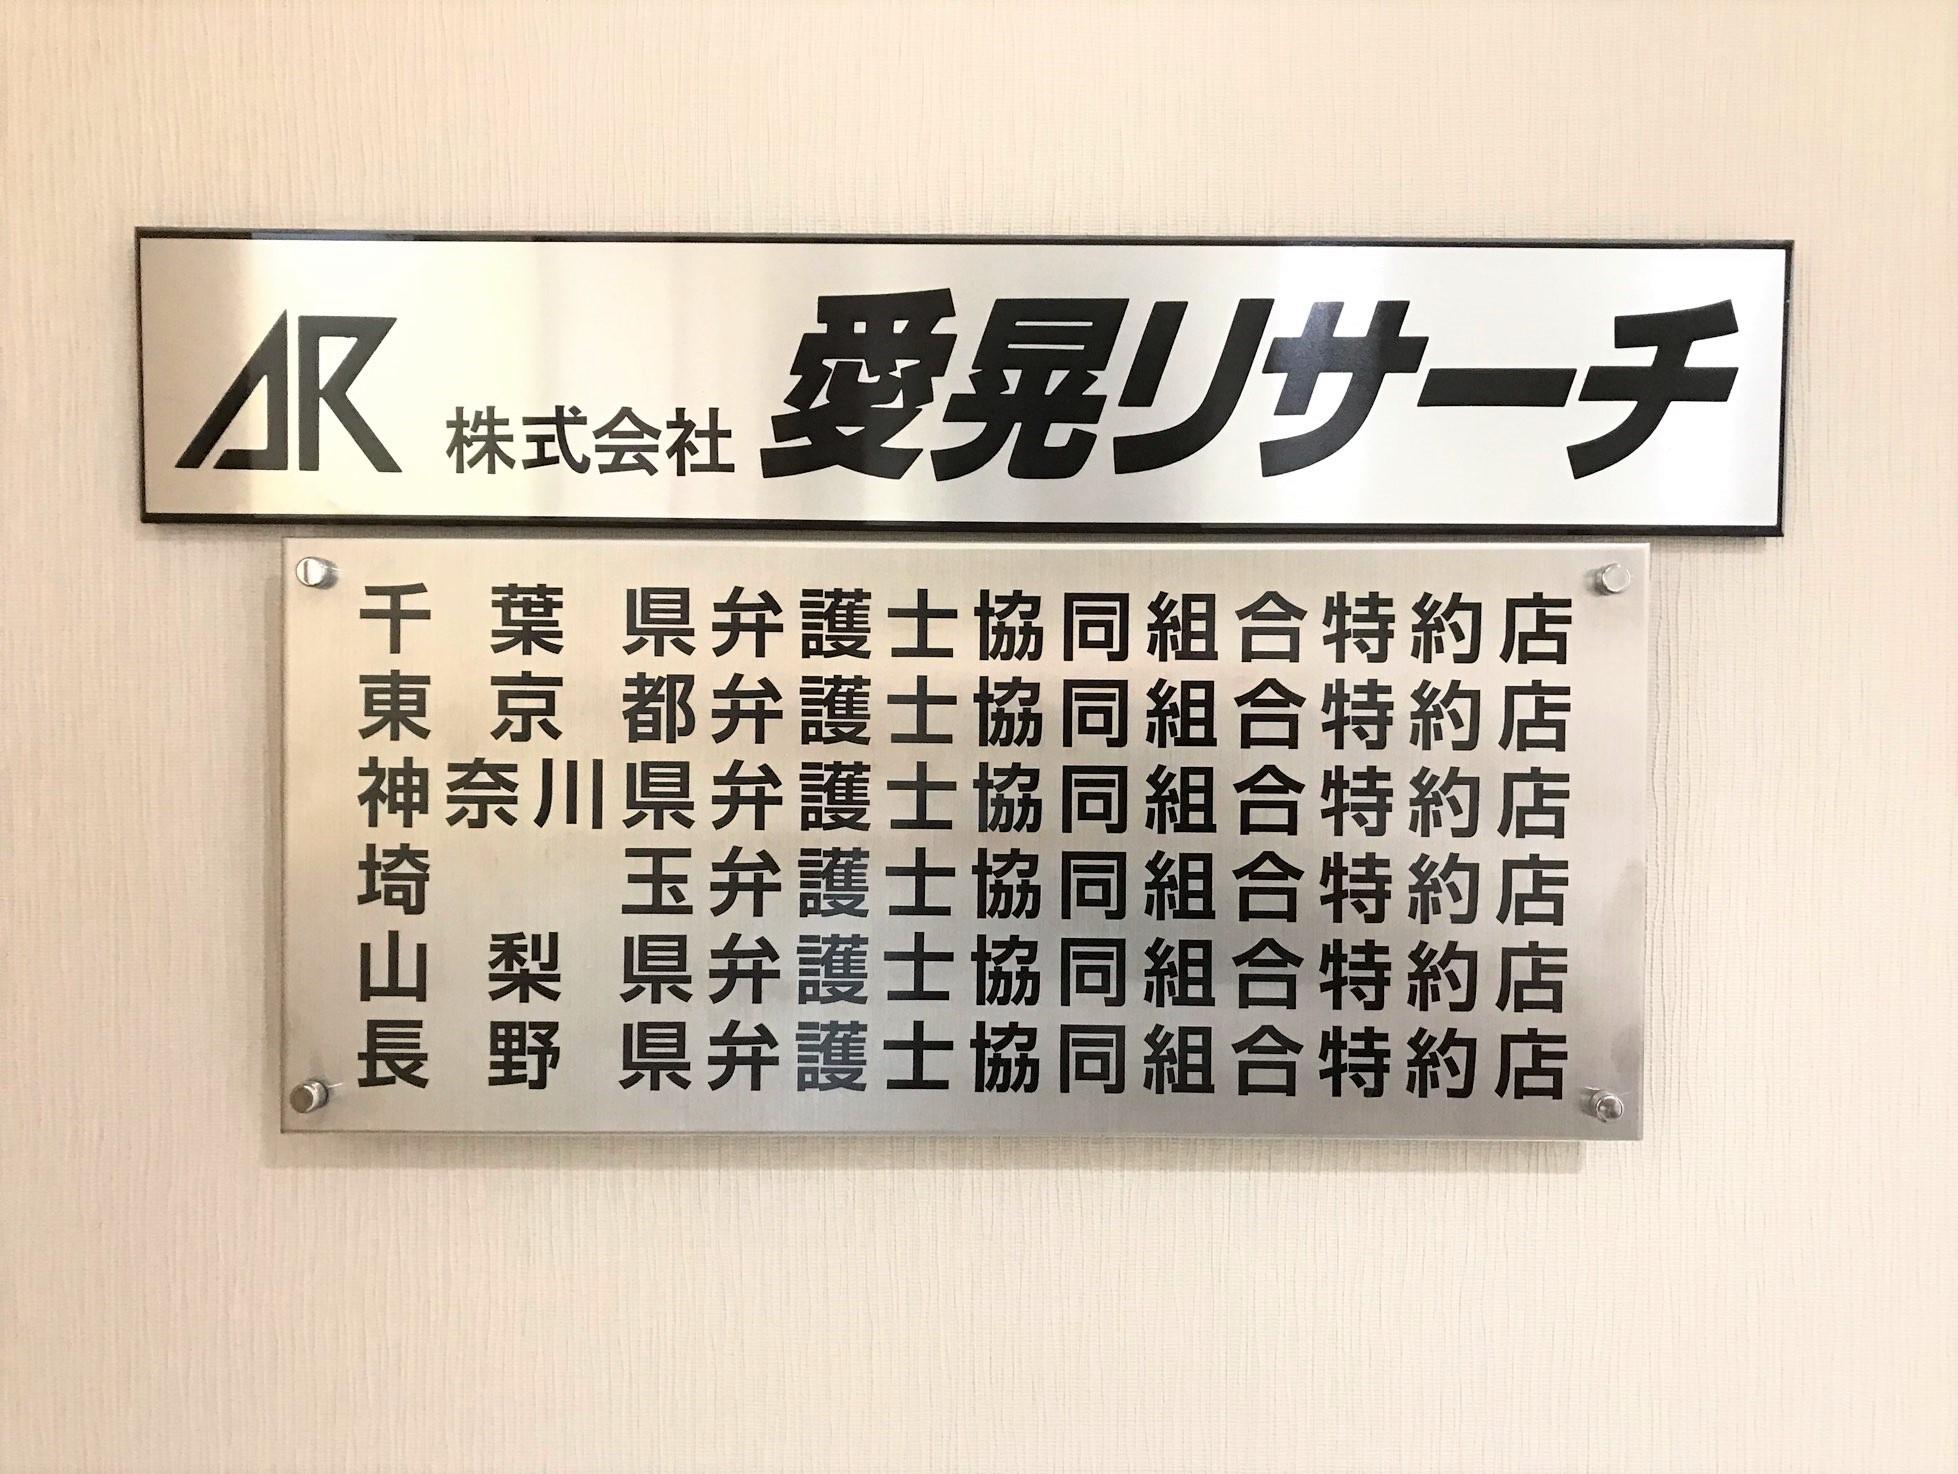 愛晃リサーチは、千葉県をはじめ関東甲信越1都5県の弁護士協同組合特約店です。弁護士から離婚裁判で有利となる証拠収集のご依頼を数多くお受けしています。